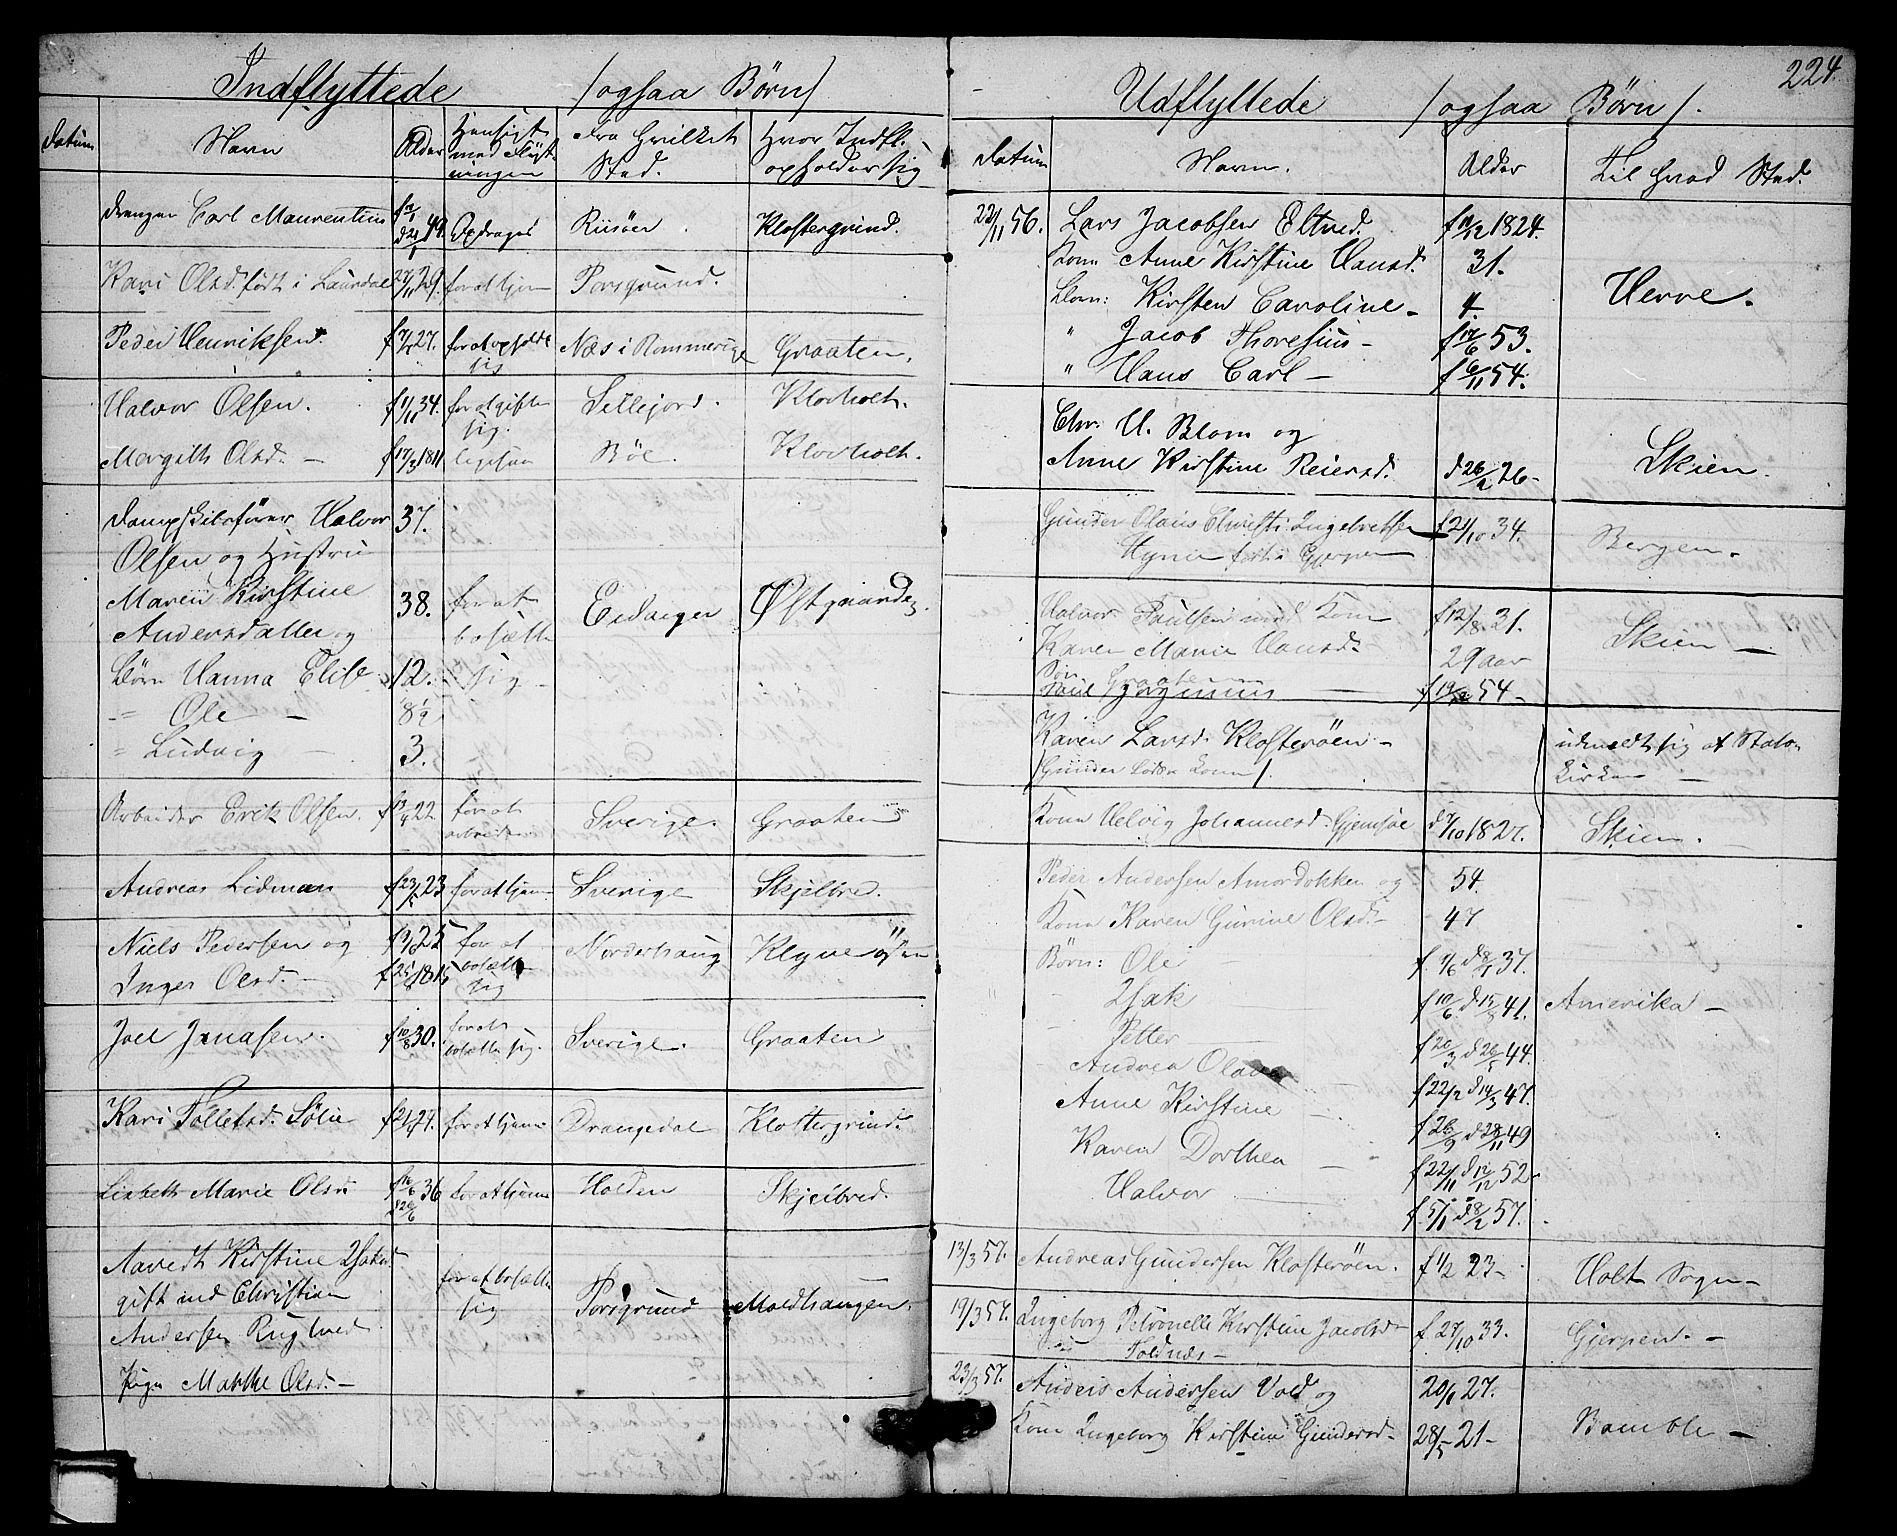 SAKO, Solum kirkebøker, G/Ga/L0003: Klokkerbok nr. I 3, 1848-1859, s. 224